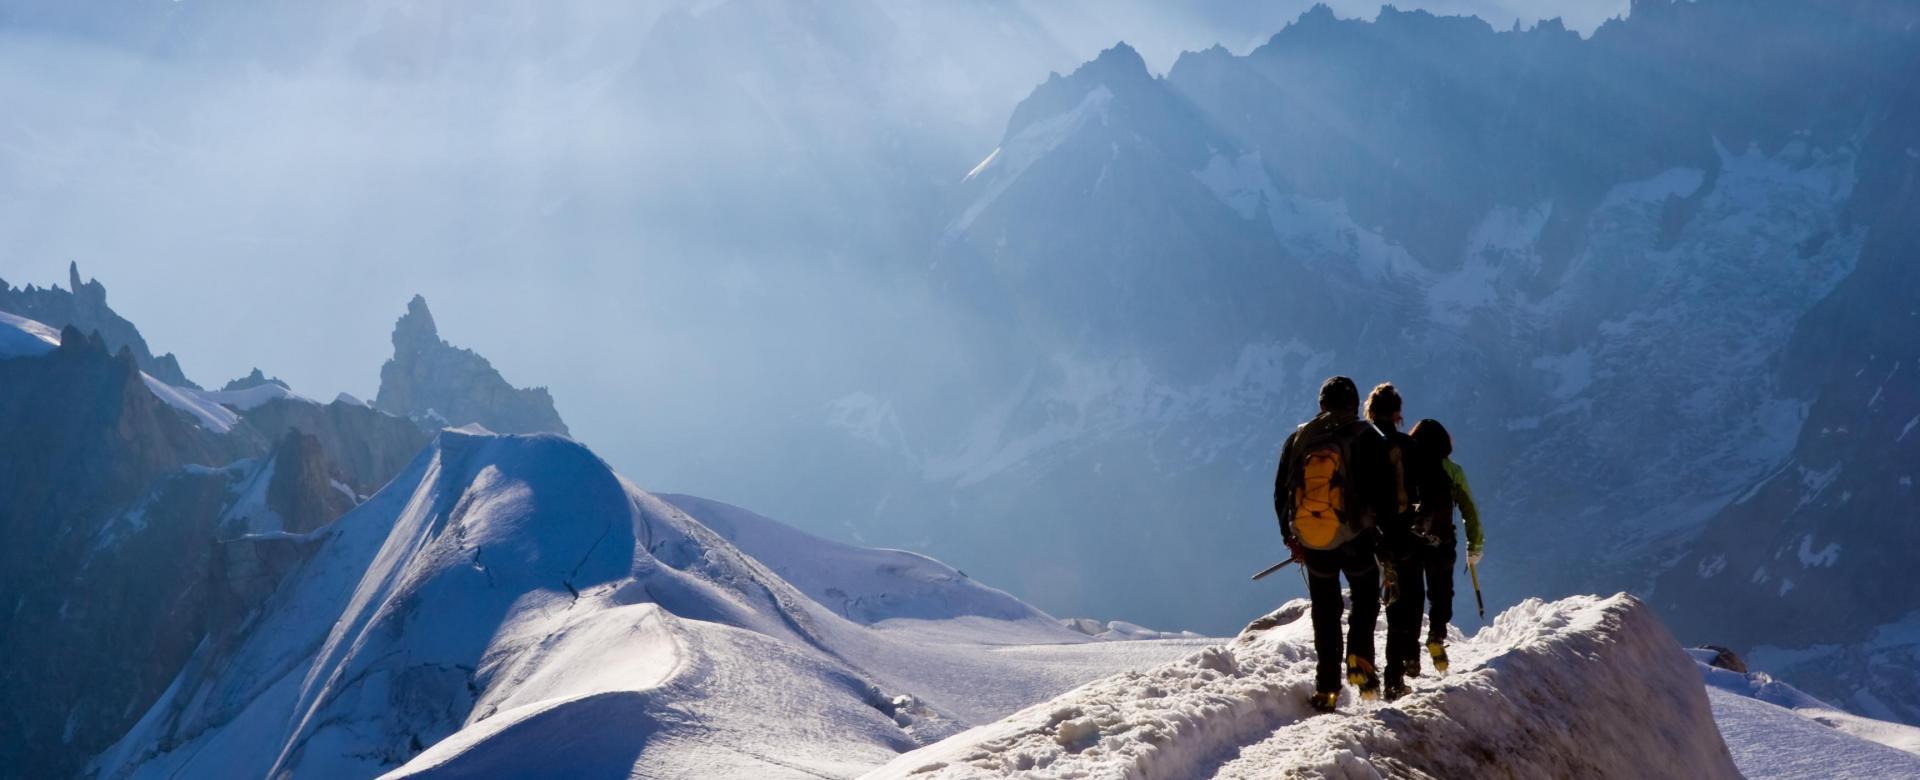 Voyage à pied France : Initiation dans le massif du mont-blanc